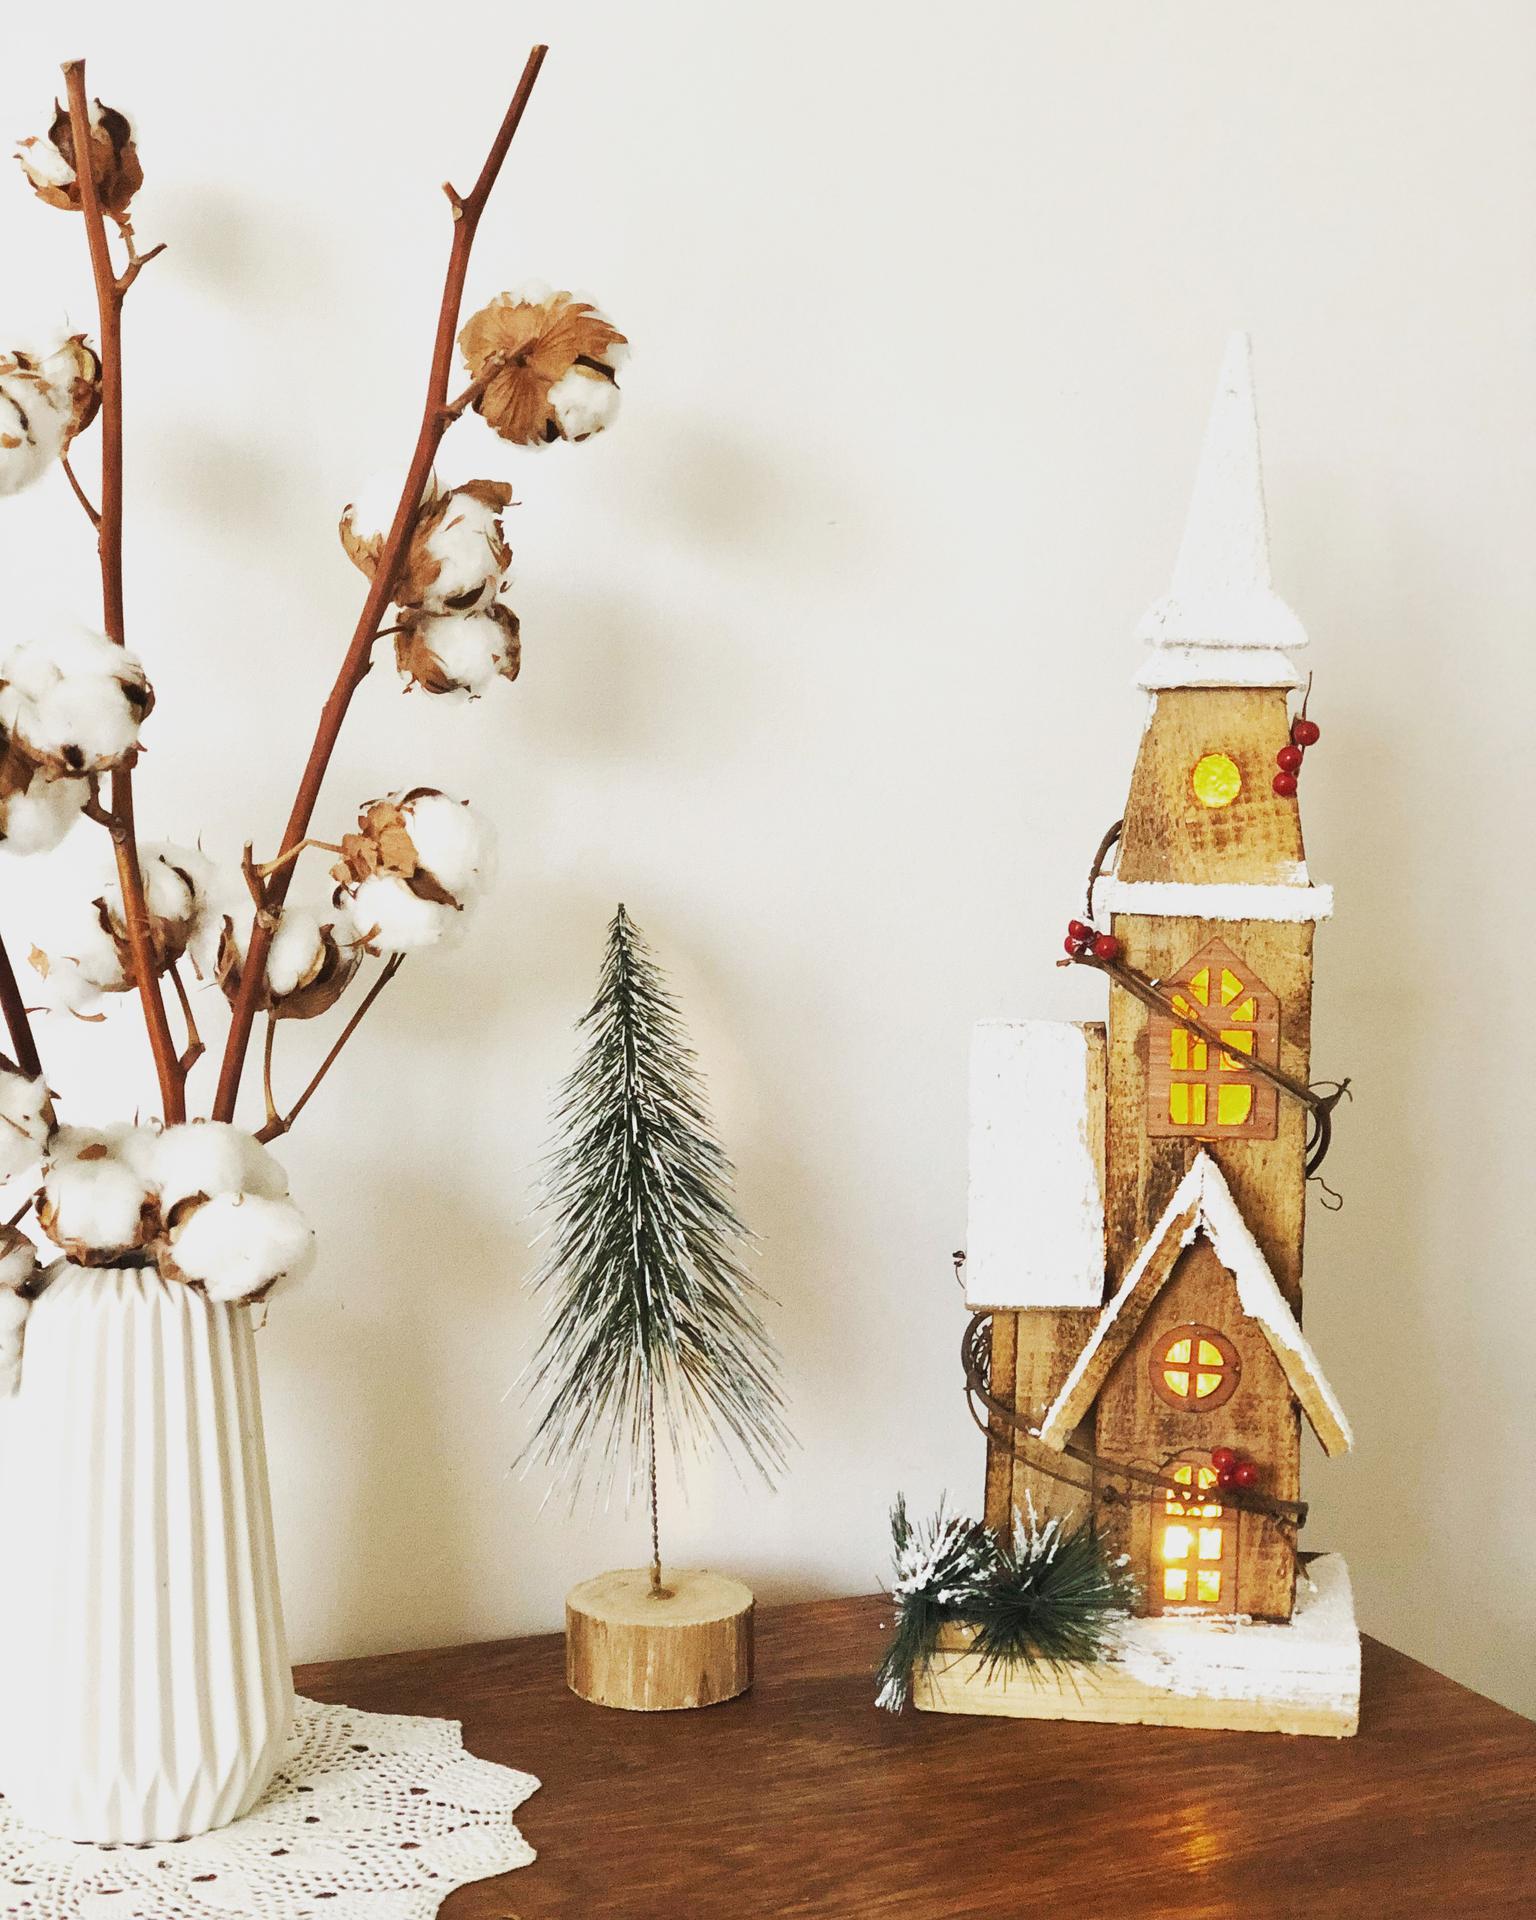 Vianočná domáca nálada 🎄😊 - Obrázok č. 1